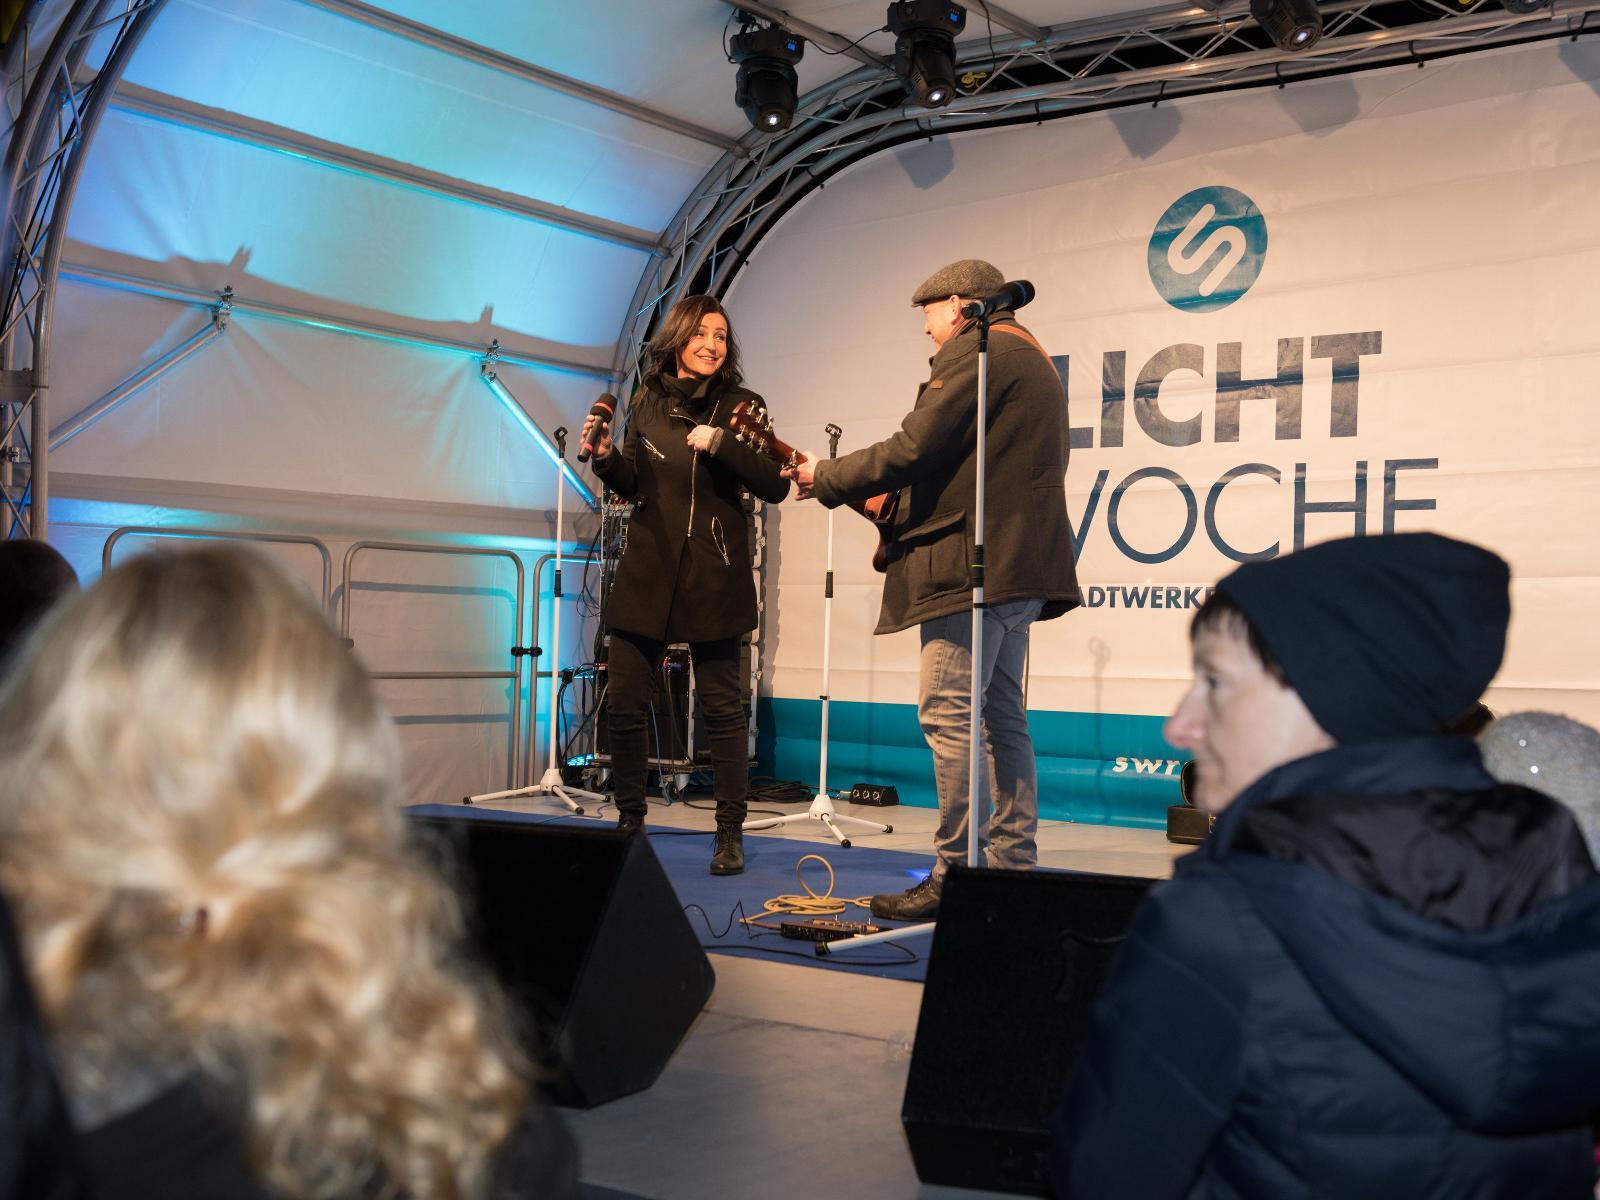 Musikalisch wurde das Publikum von dem Duo Zwei Punkt 17 unterhalten